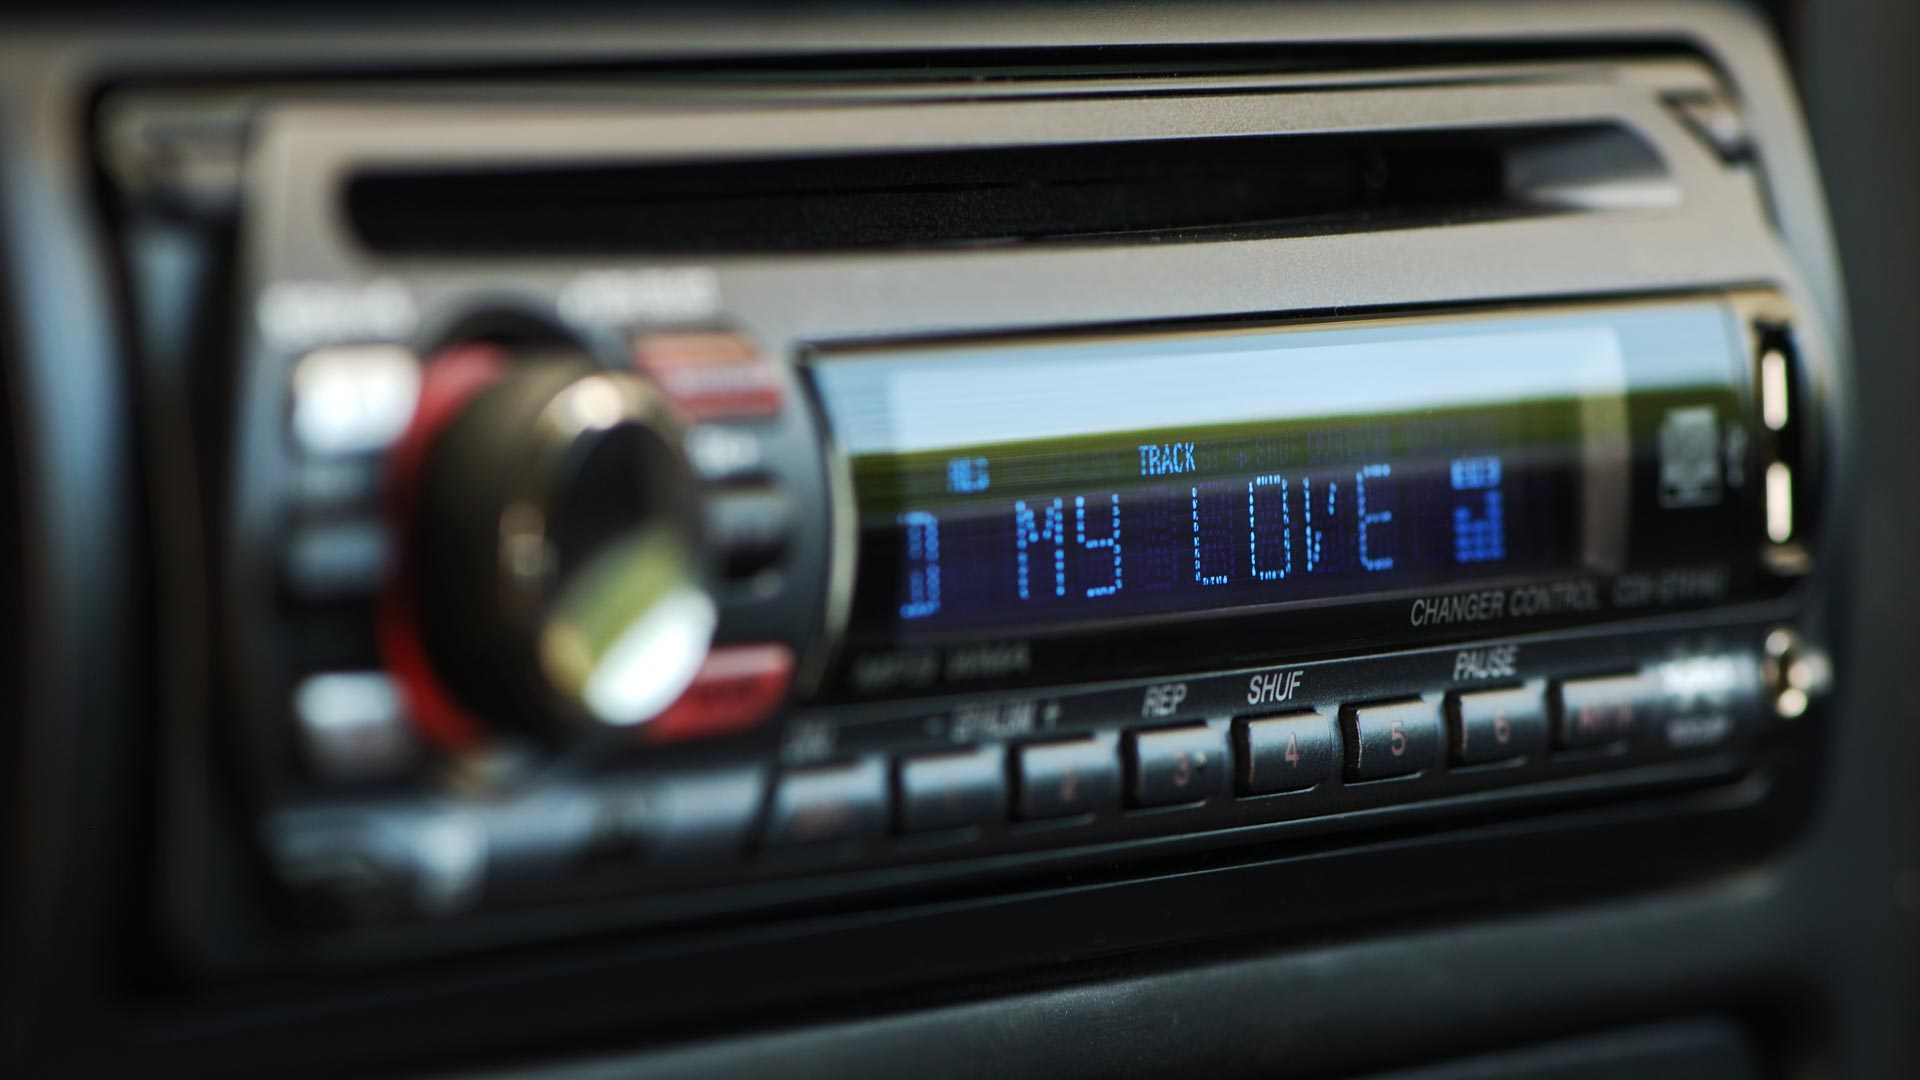 Car Audio's Inputs